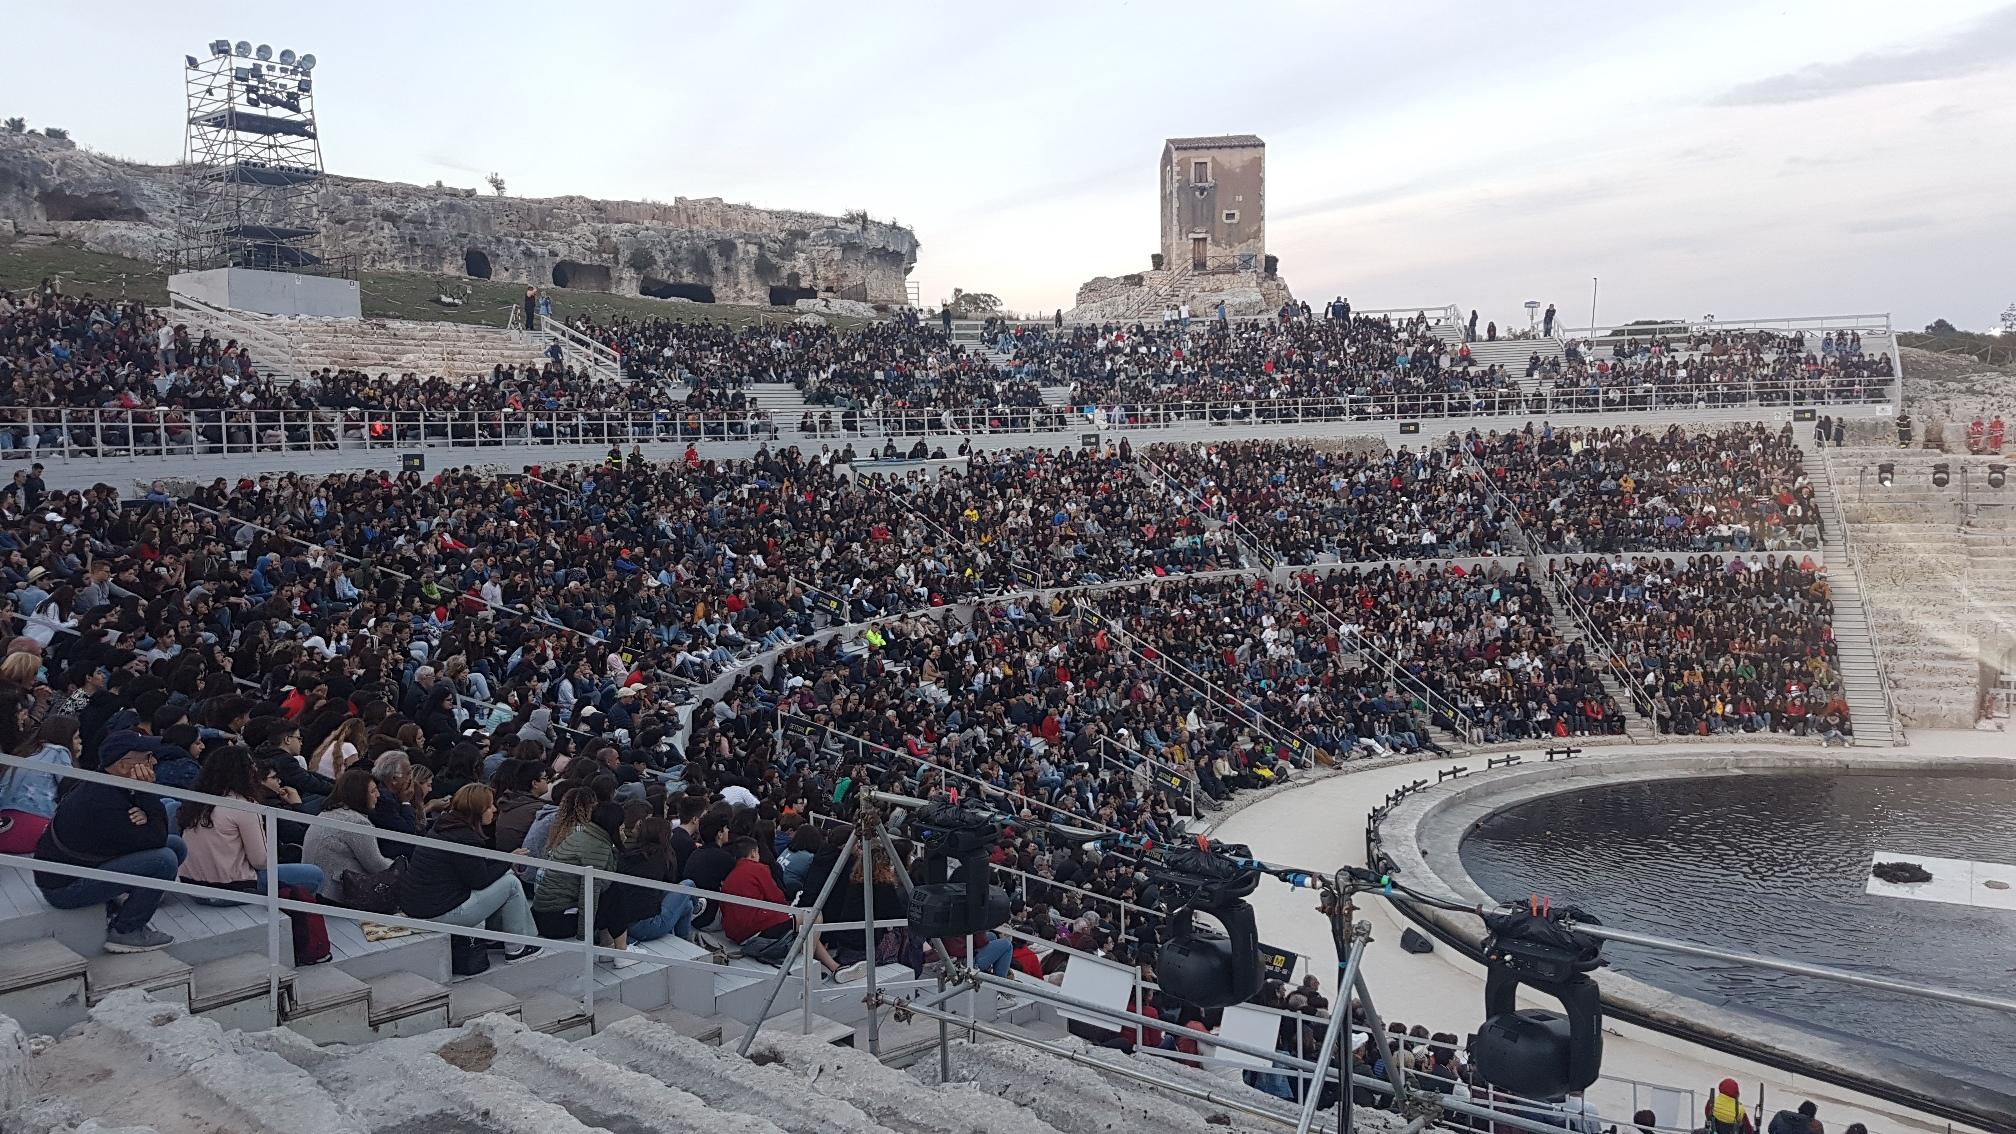 Seven days walking - Ludovico Einaudi al Teatro Greco di Siracusa